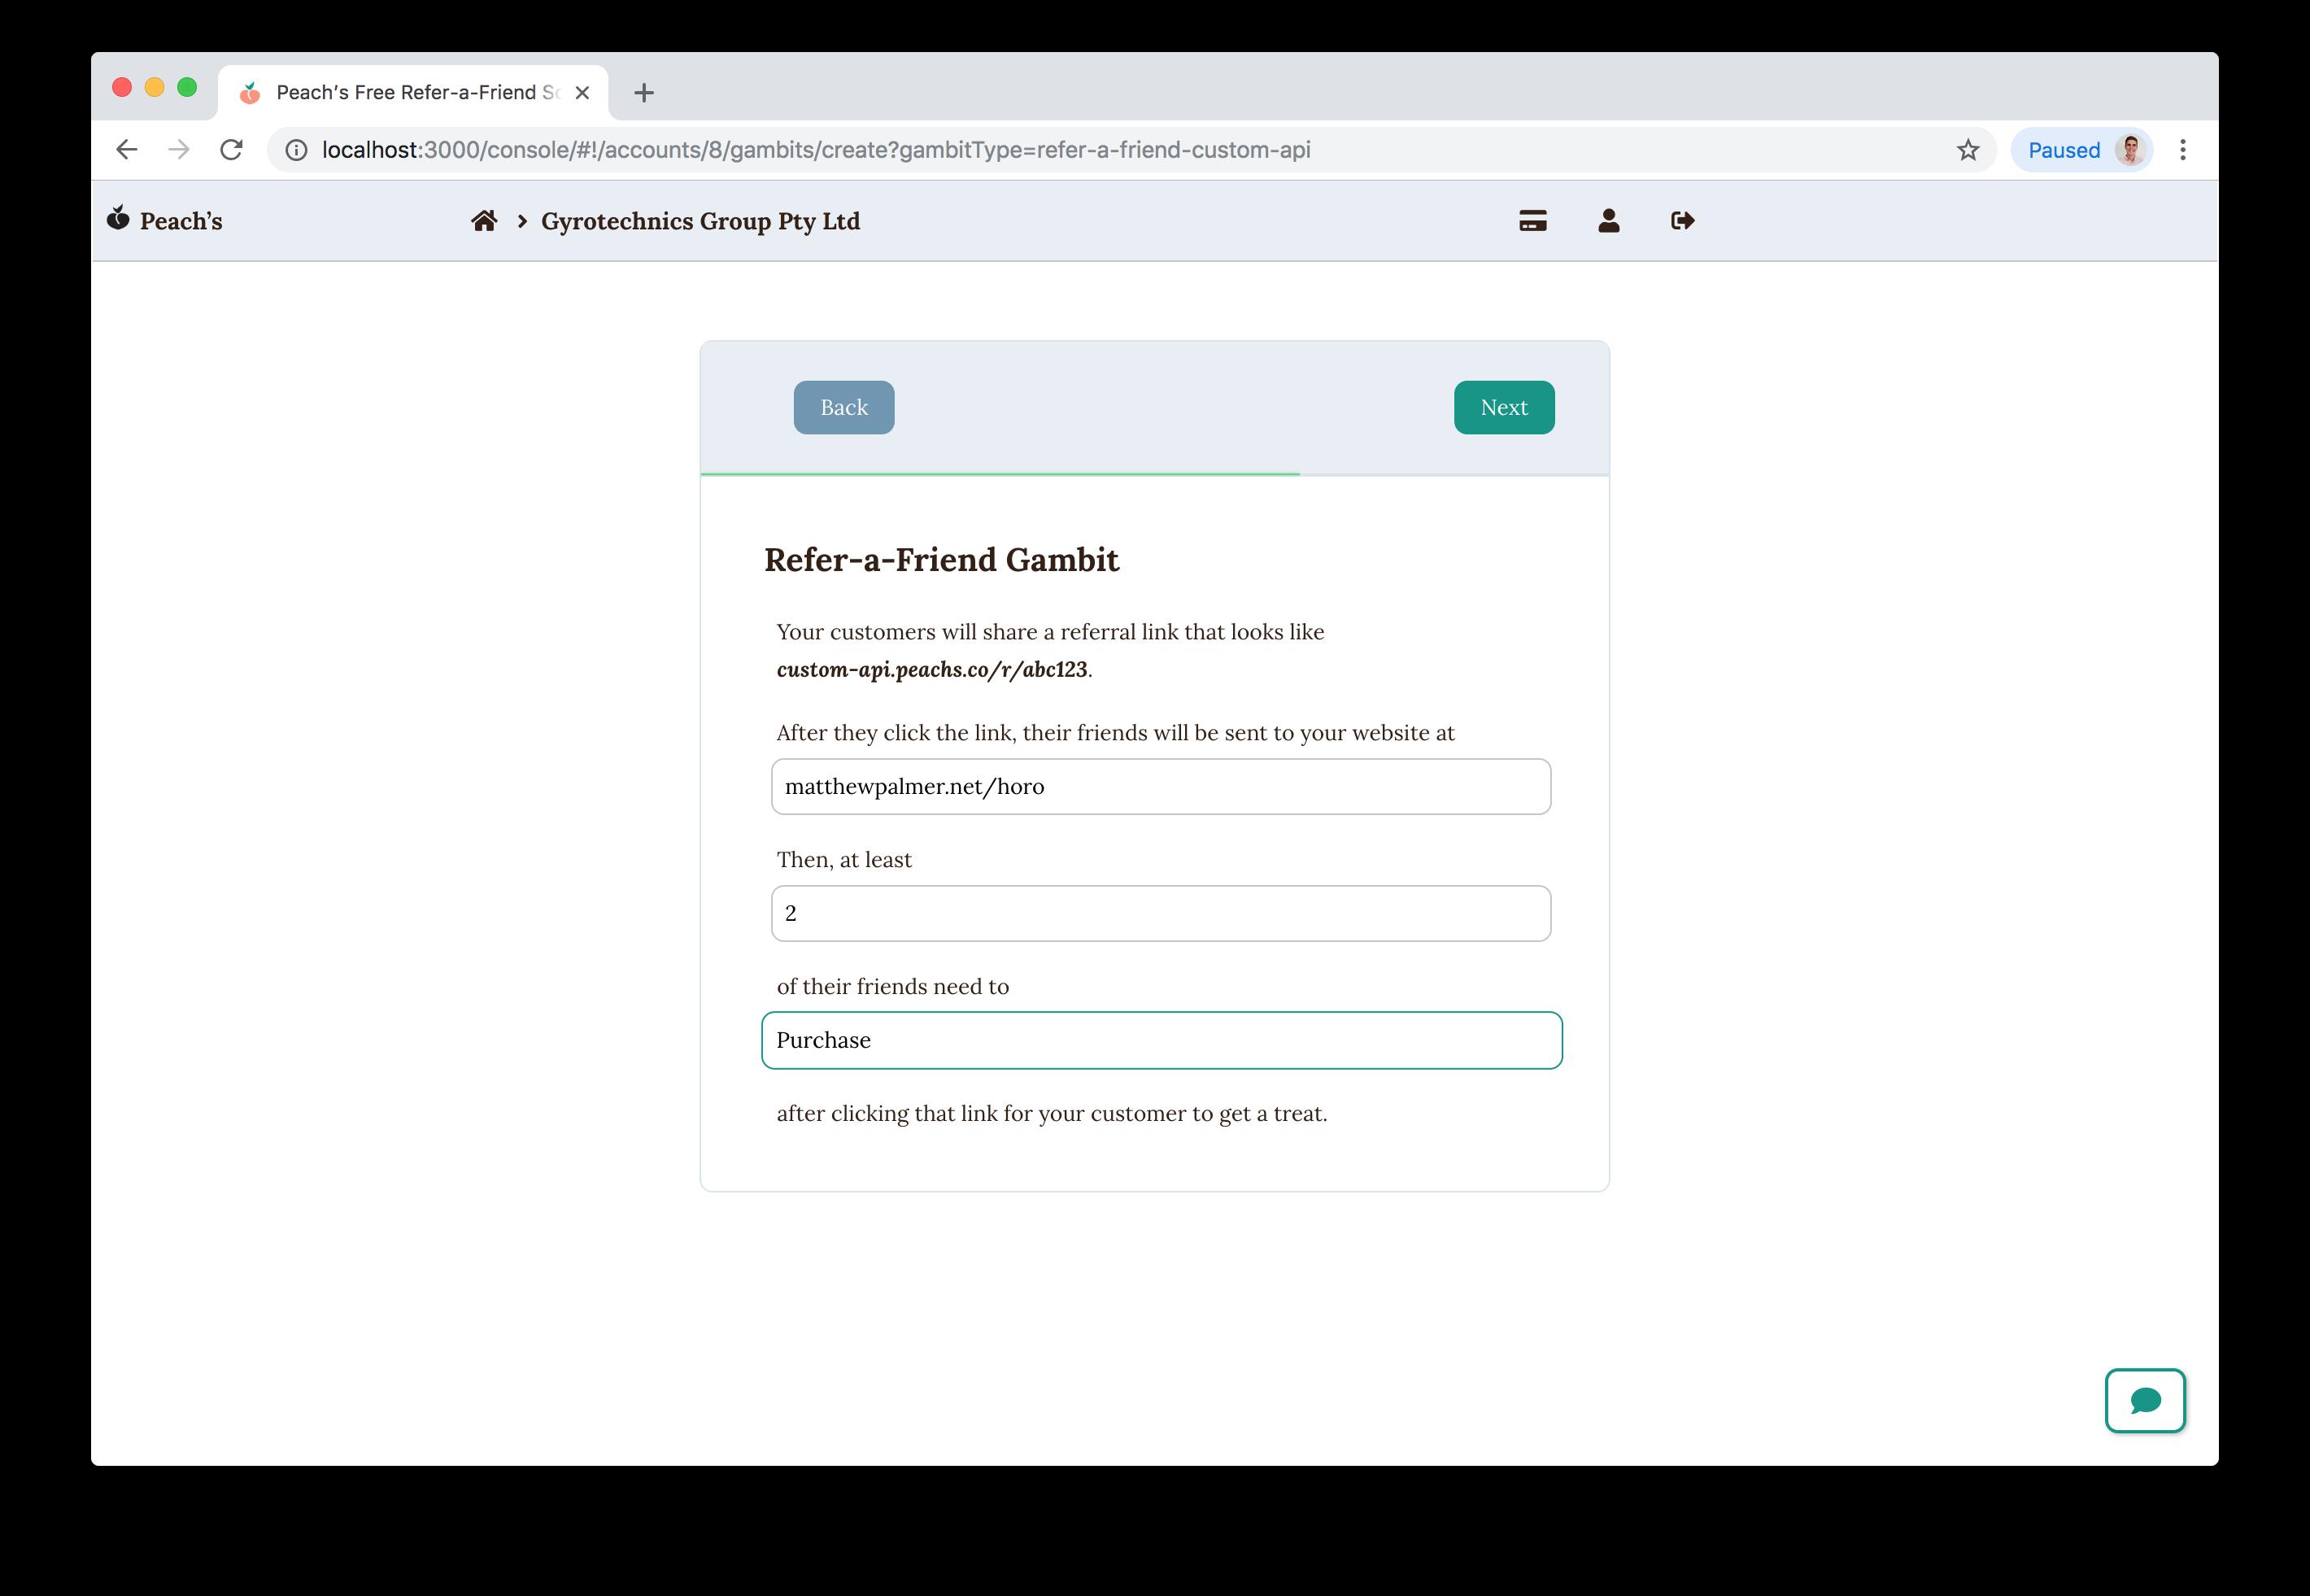 Documentation for API Integrations - Peach's Refer-a-Friend